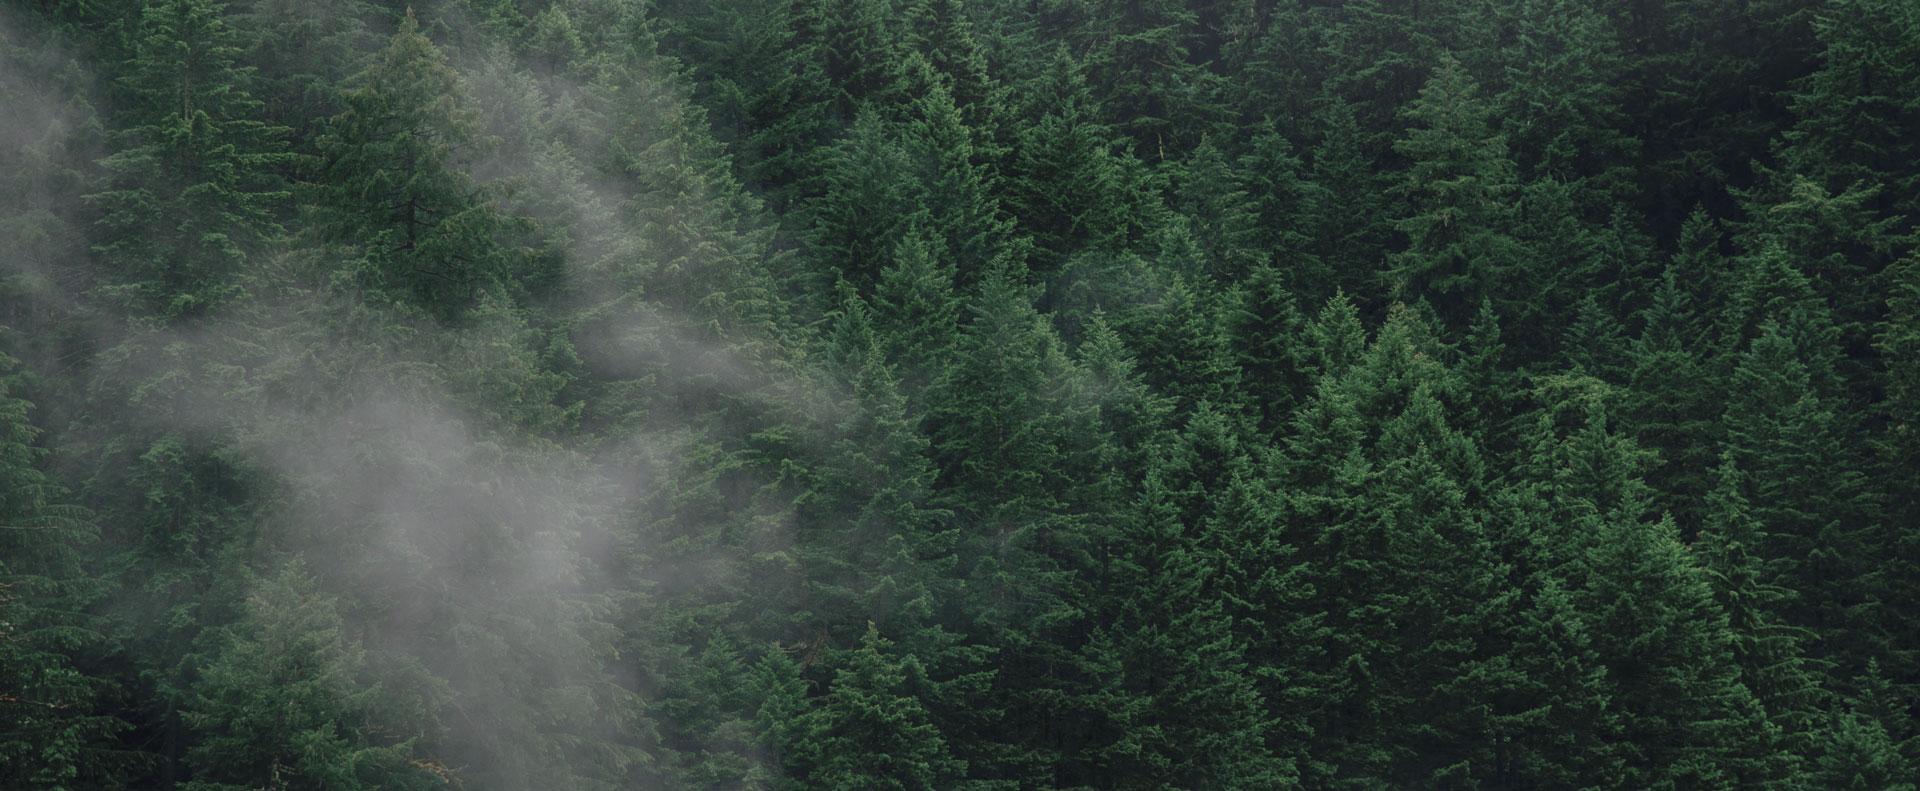 Image décorative : Environnement